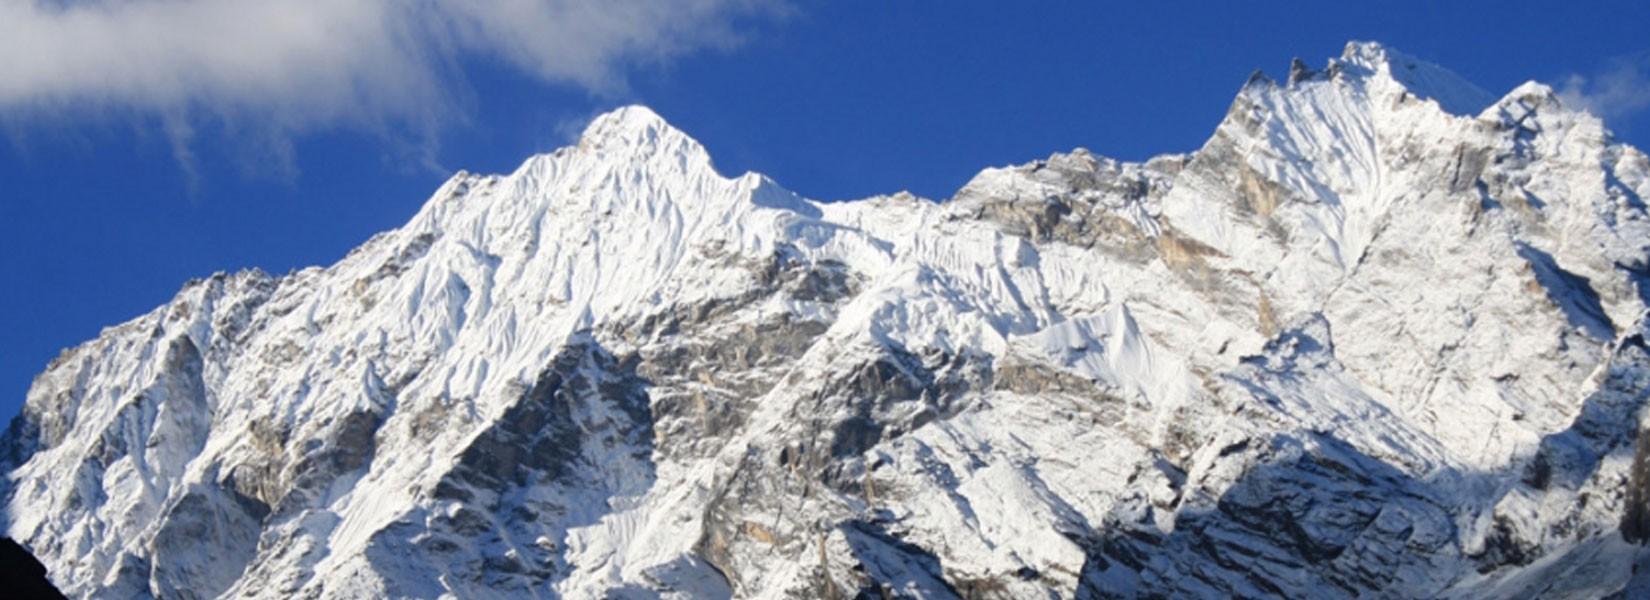 Around Ganesh Himal Trekking